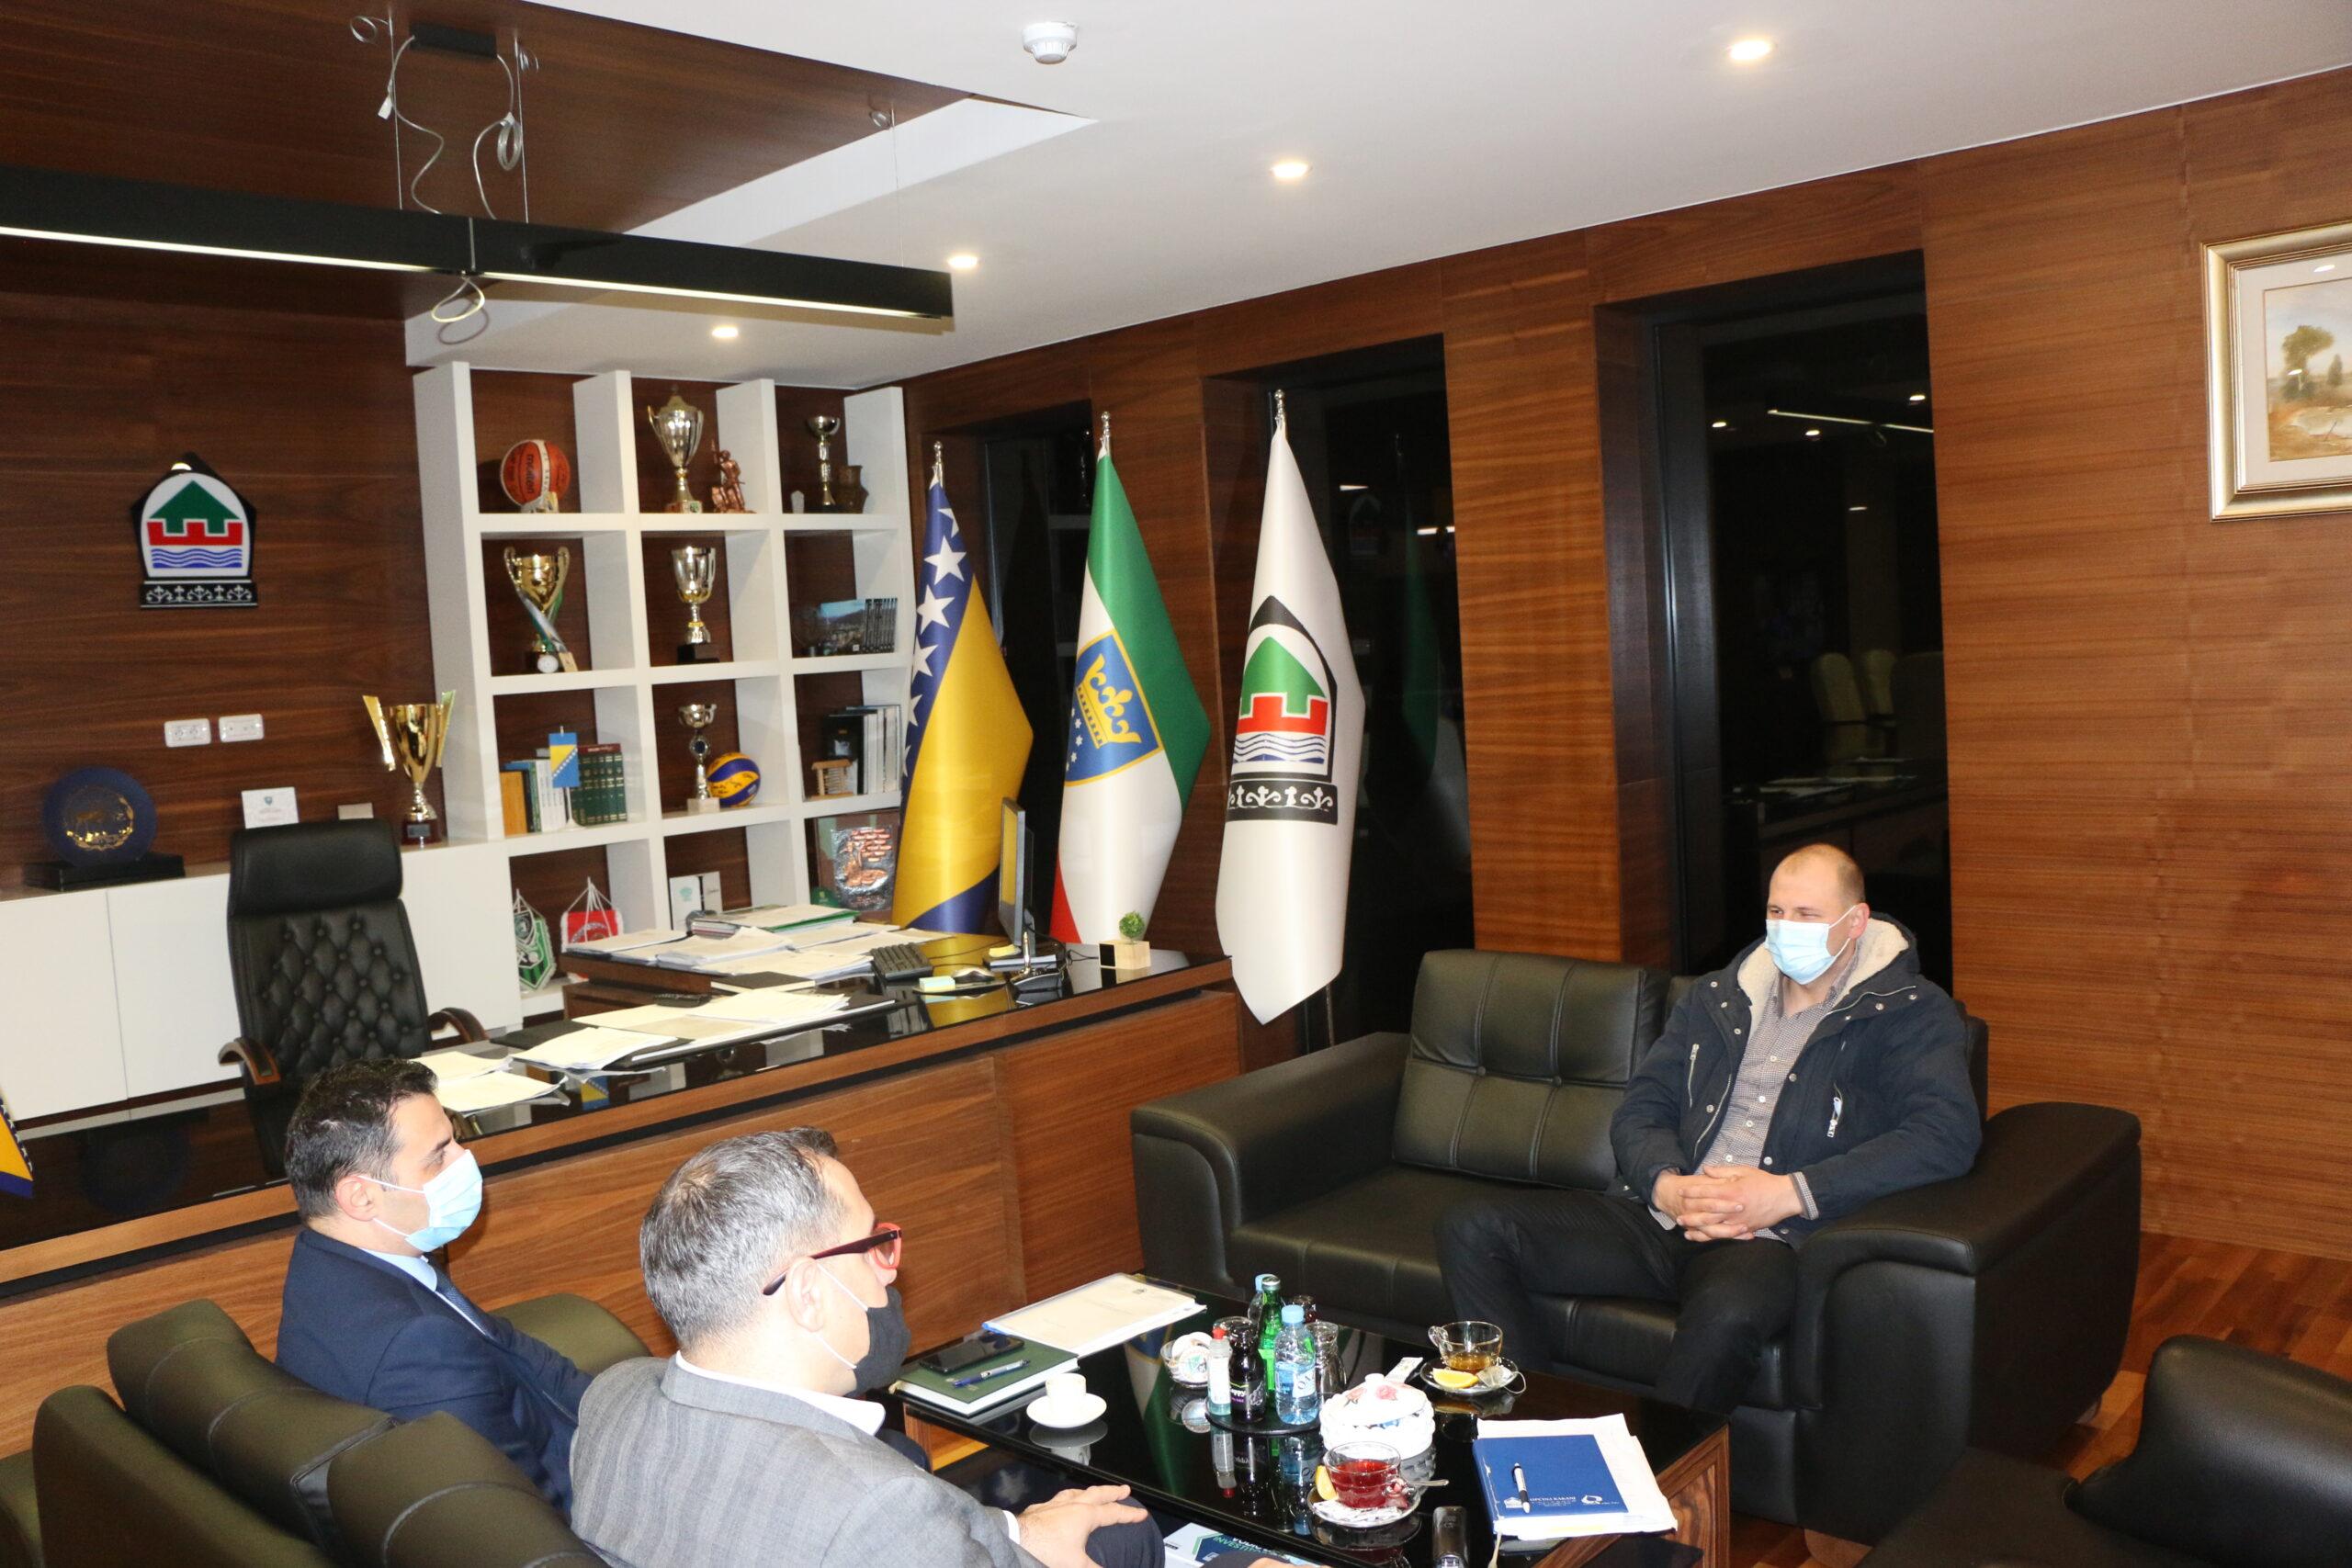 Ured načelnika: Upriličen prijem za Almira Kubata, predsjednika Savjeta Mjesne zajednice Zgošća